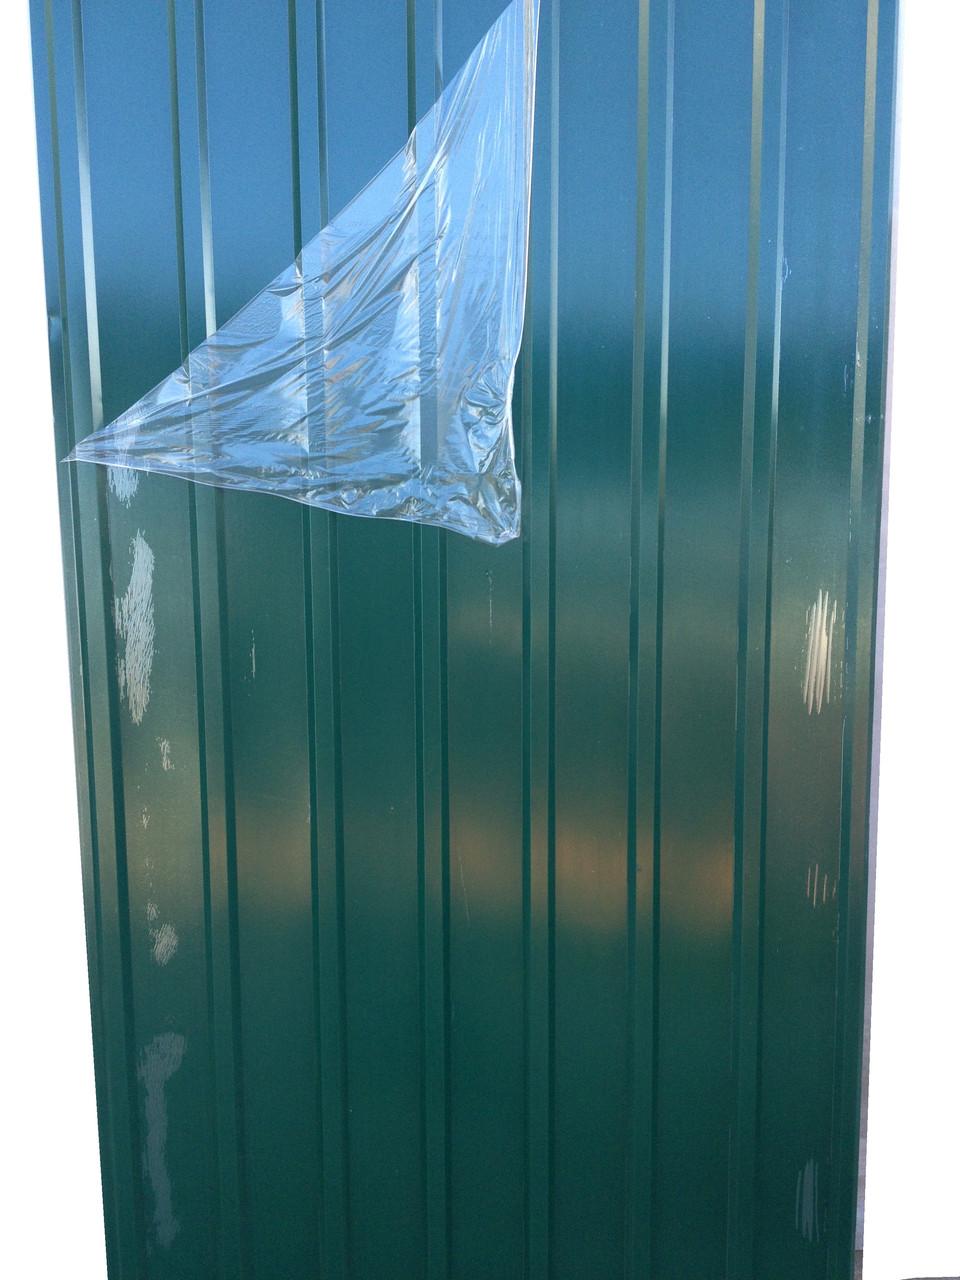 Профнастил ПК-12, 8-ми волновой, 1,5м Х 0,95м, толщина 0,25 мм, цвет: Зеленый